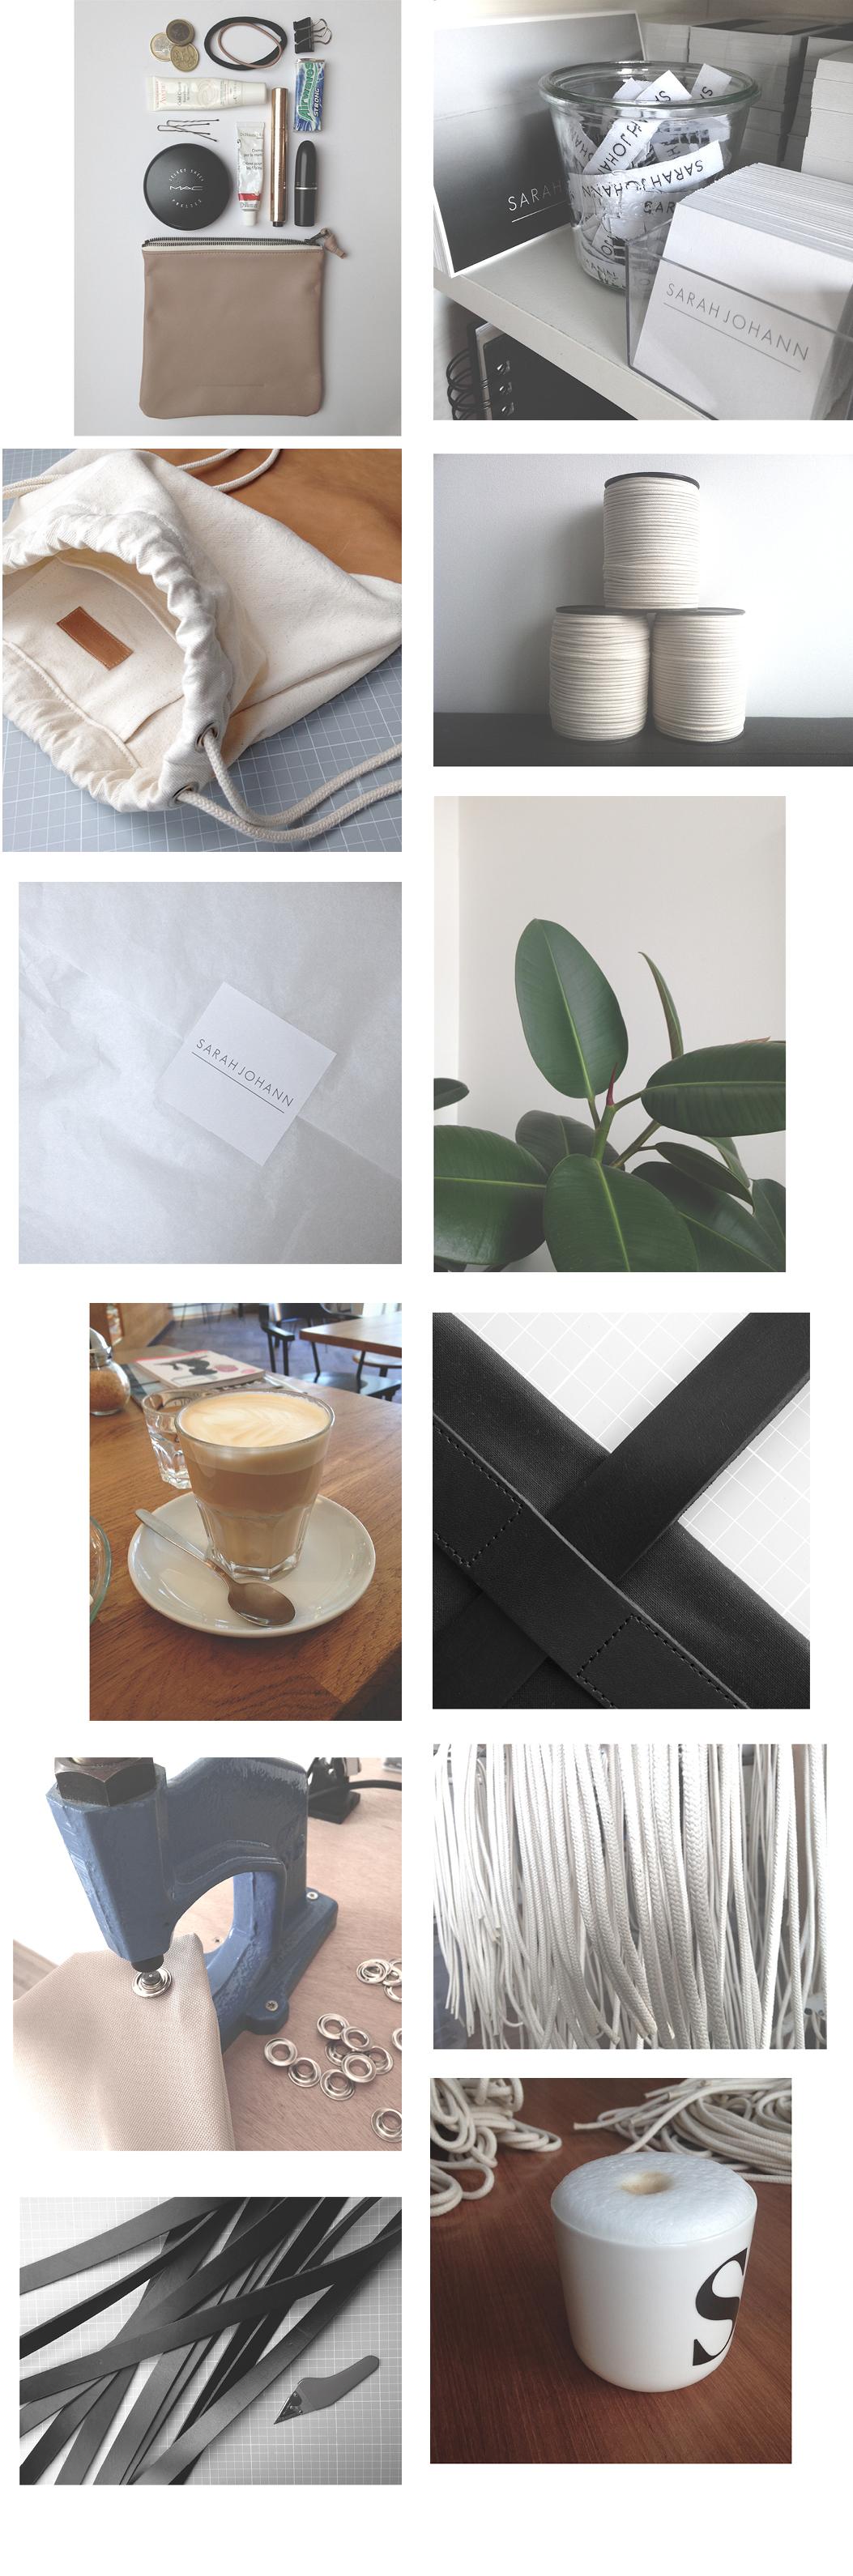 SarahJohann_Instagram3